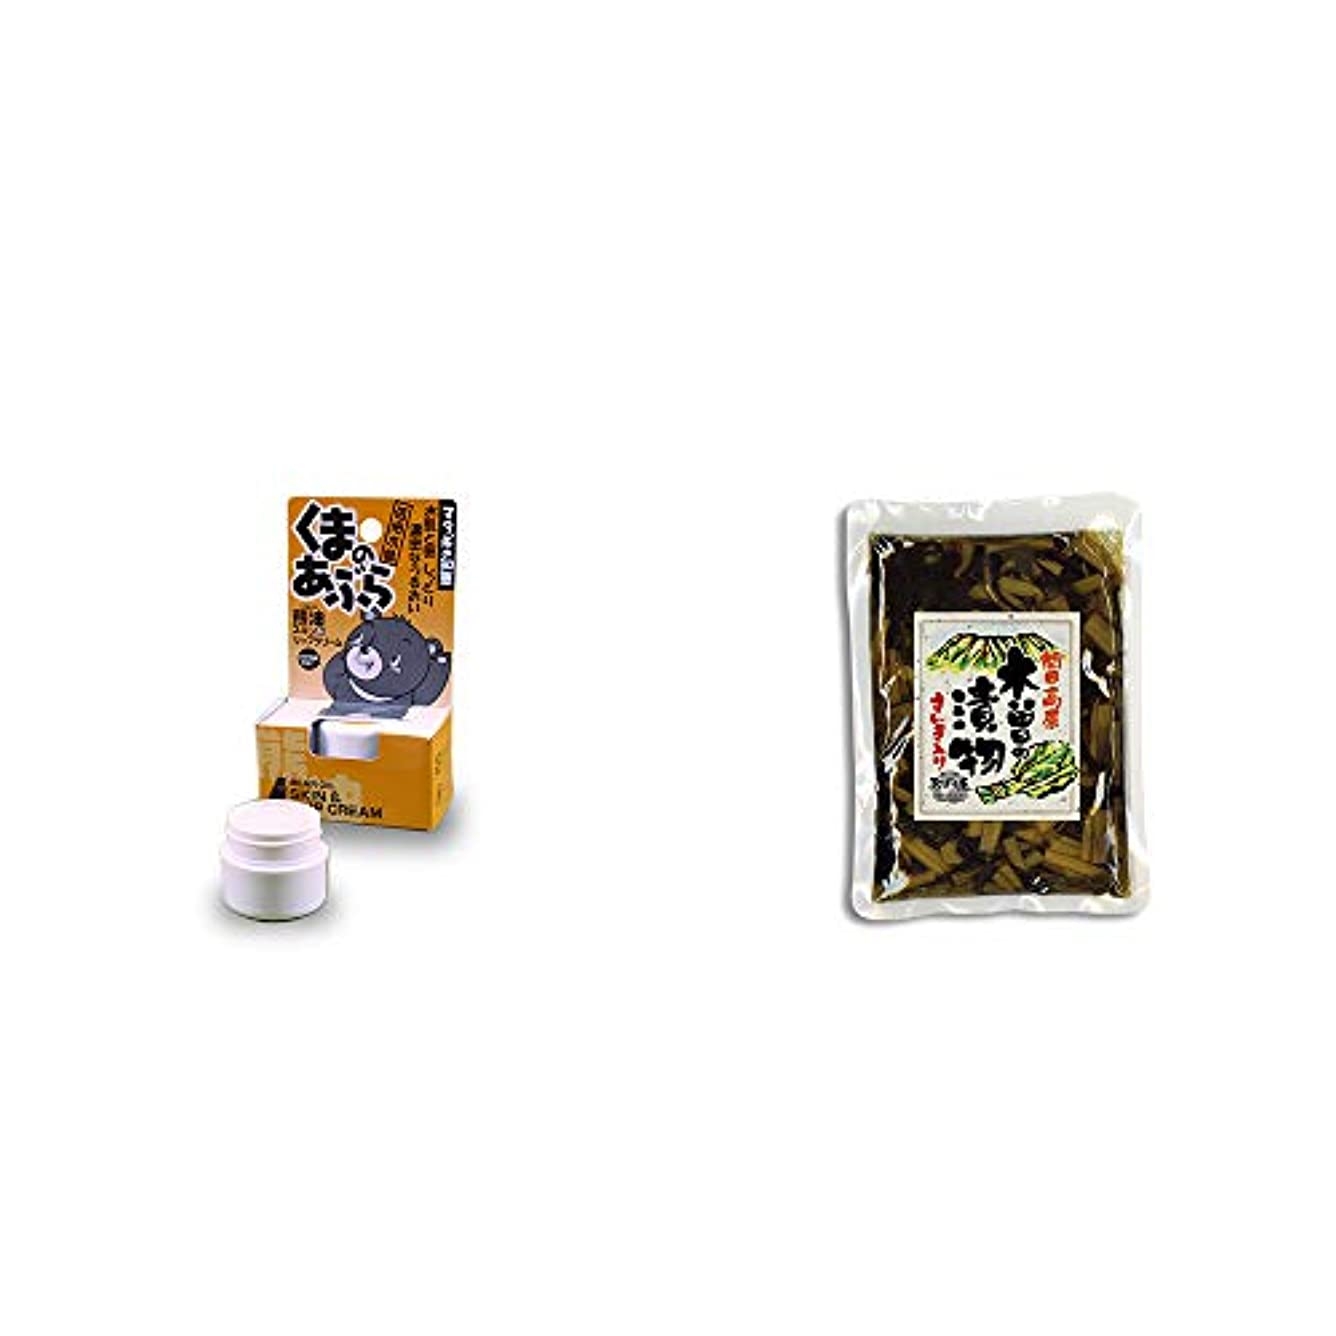 邪悪な襲撃囚人[2点セット] 信州木曽 くまのあぶら 熊油スキン&リップクリーム(9g)?【年中販売】木曽の漬物 すんき入り(200g) / すんき漬け味付加工品 //